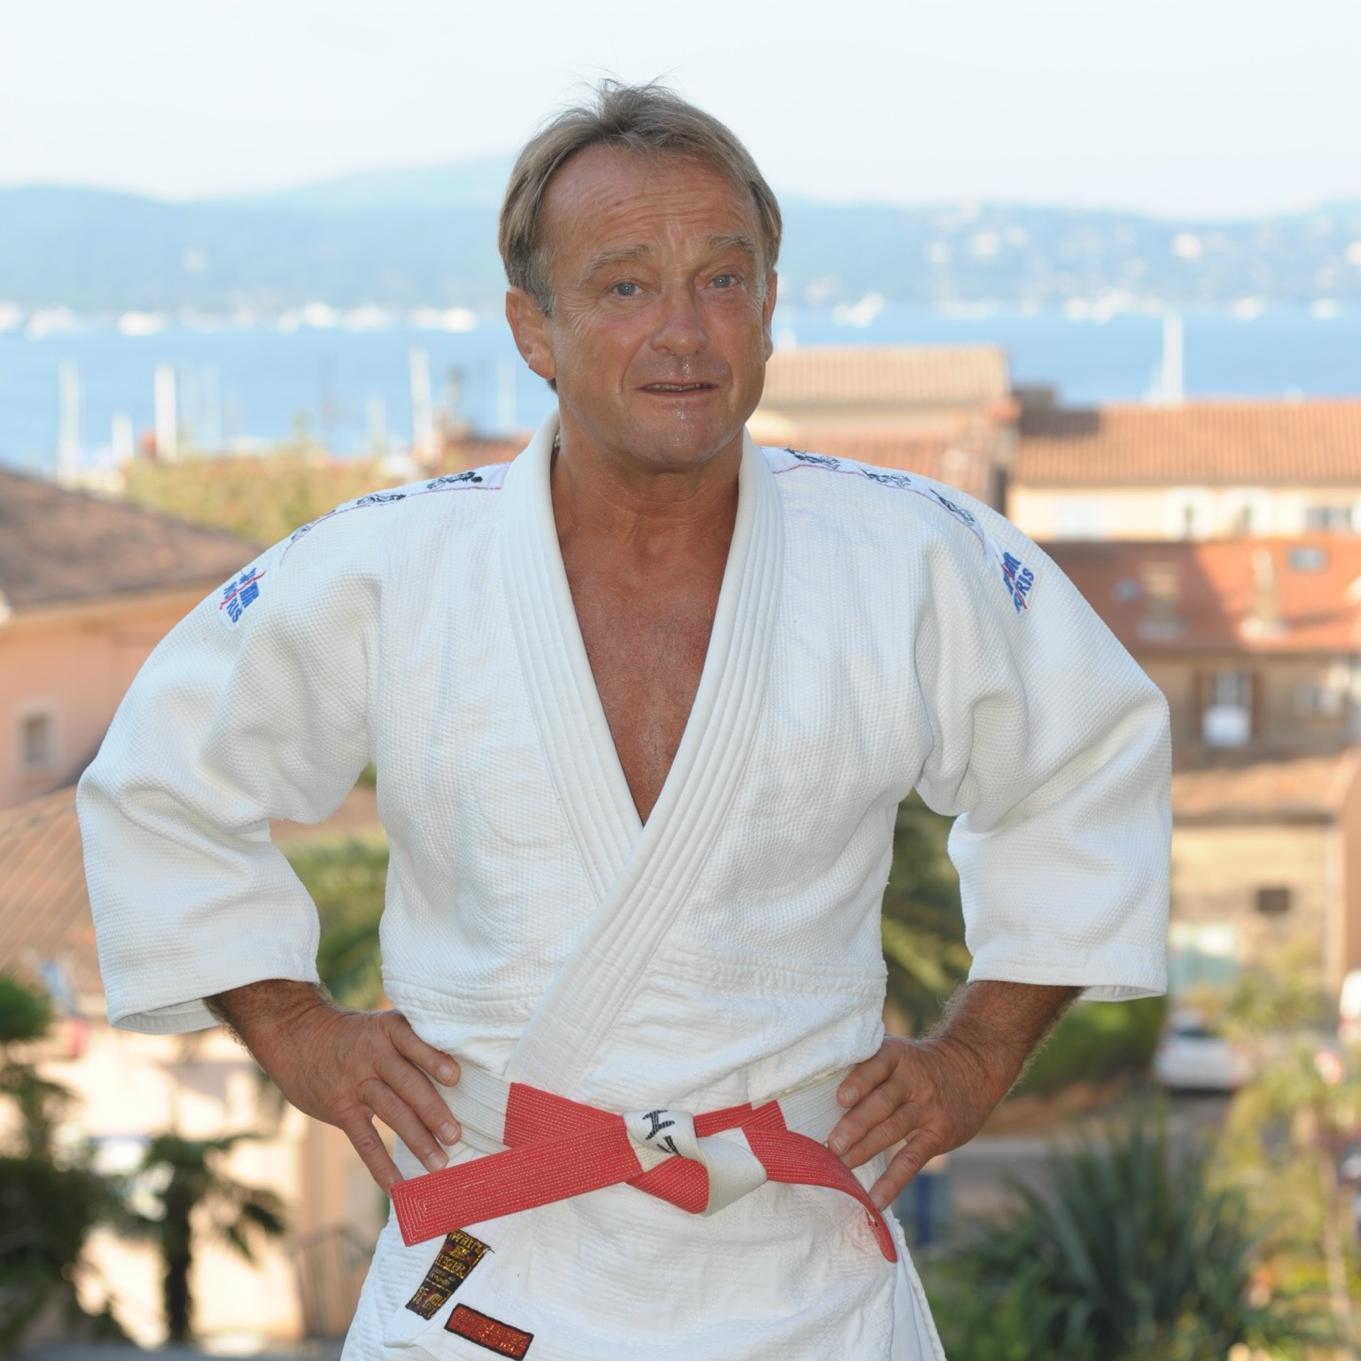 Eric Pariset judo judoka